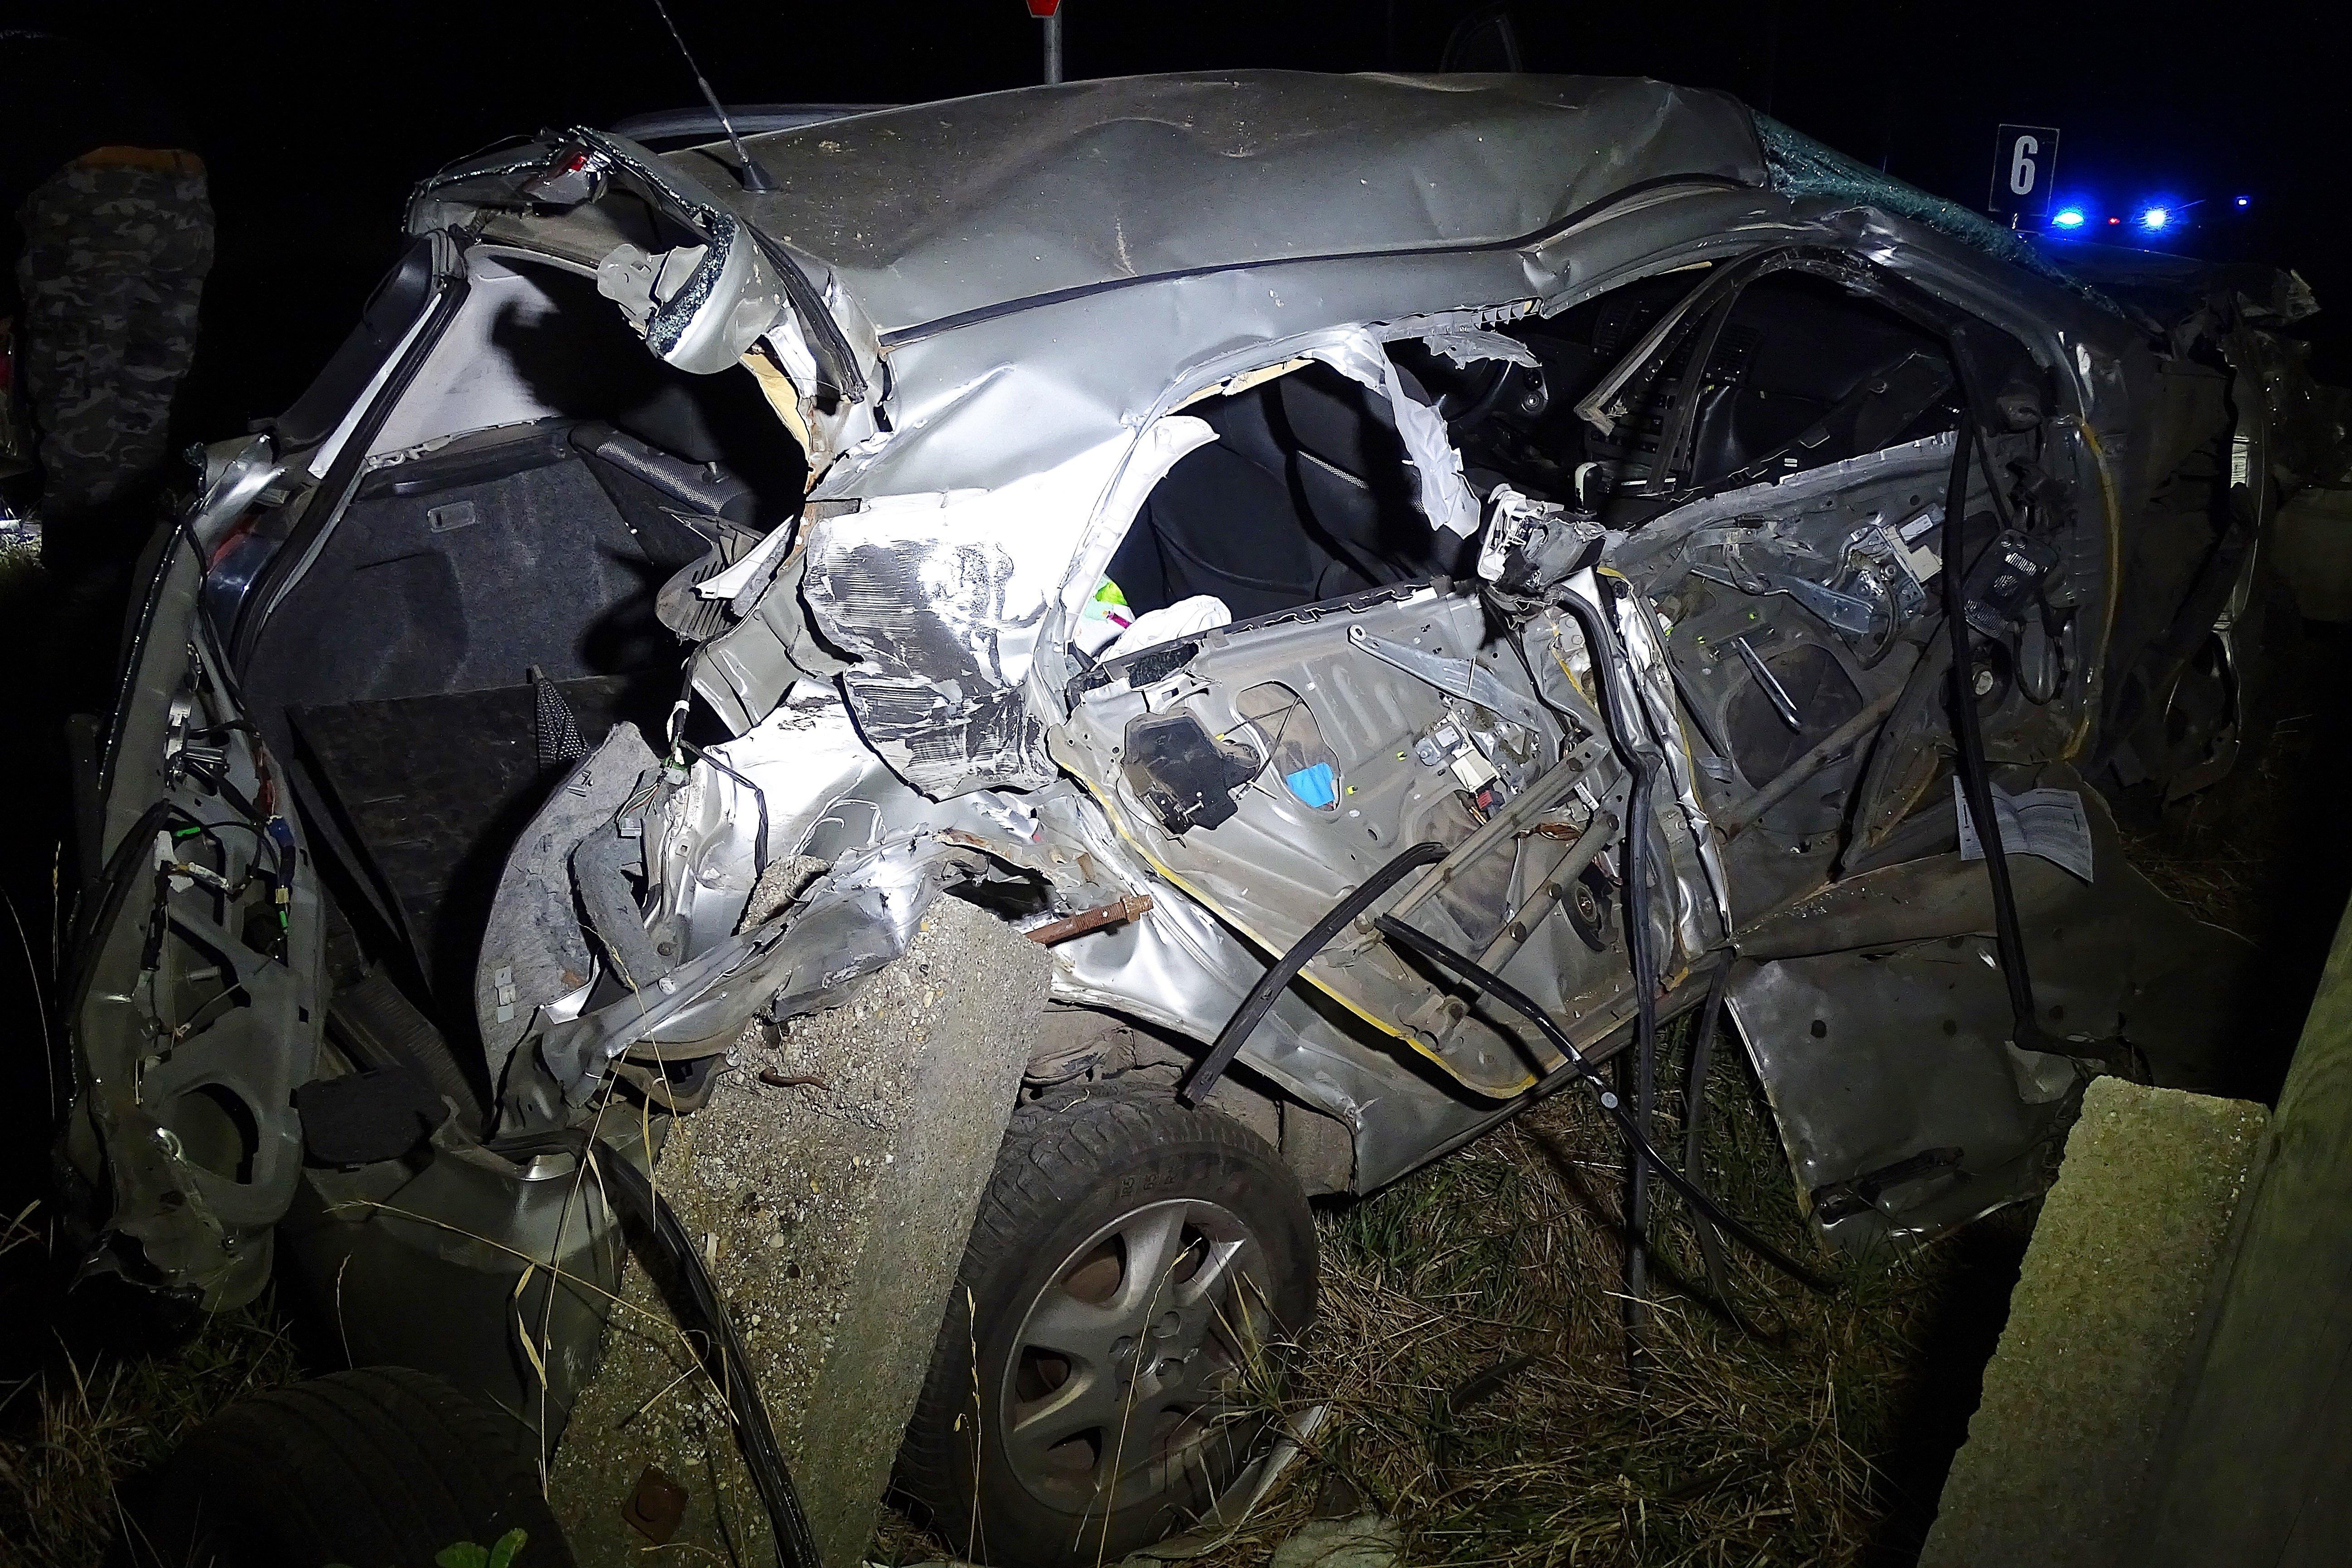 Személyvonattal ütközött egy kocsi a vasúti átjáróban